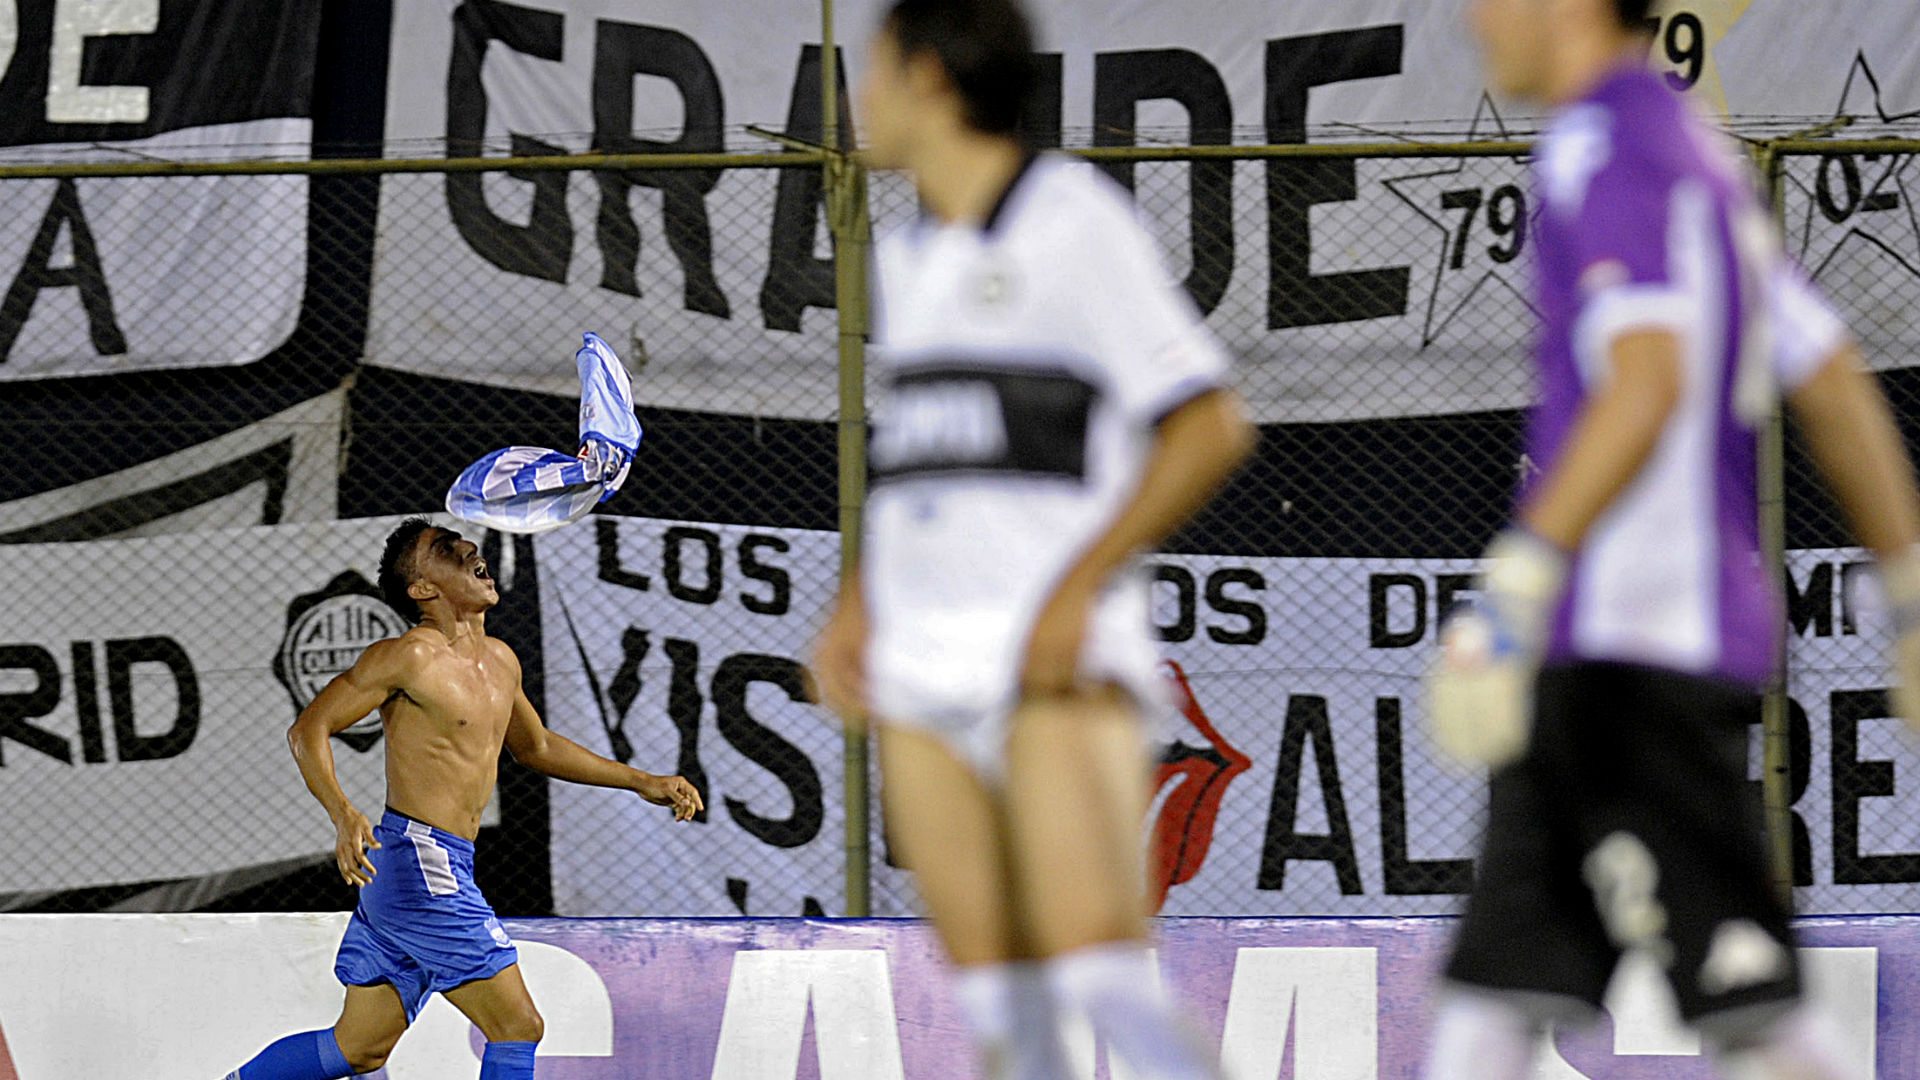 Emelec Olimpia Libertadores 2012